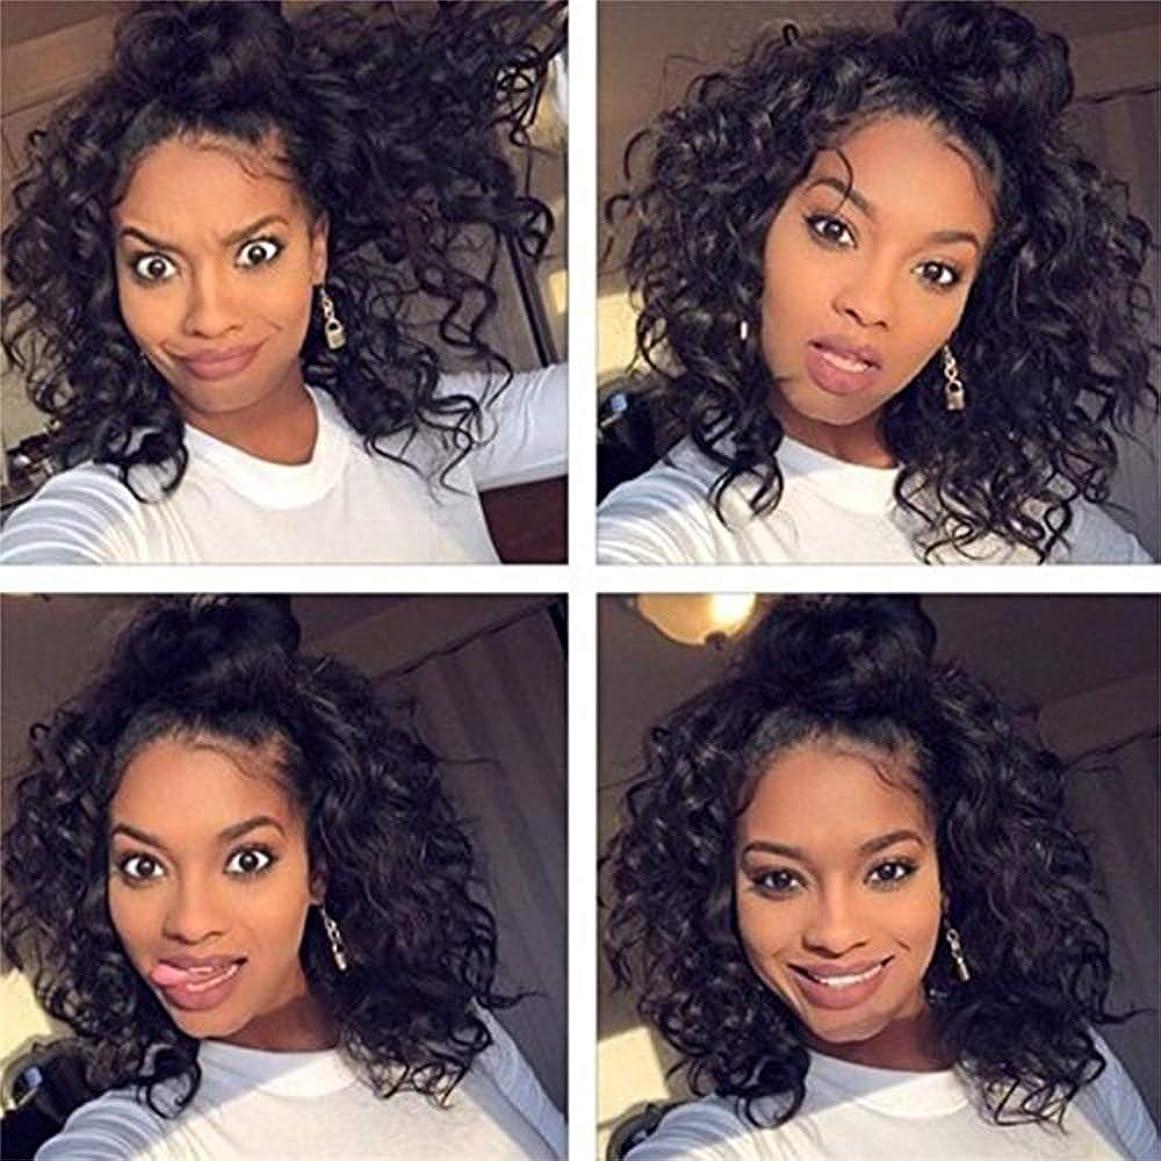 ベーコン任命するヒューム180%密度波状の短いボブのかつらレースフロント人毛ウィッグ黒人女性のためのremy毛髪のかつら14インチ